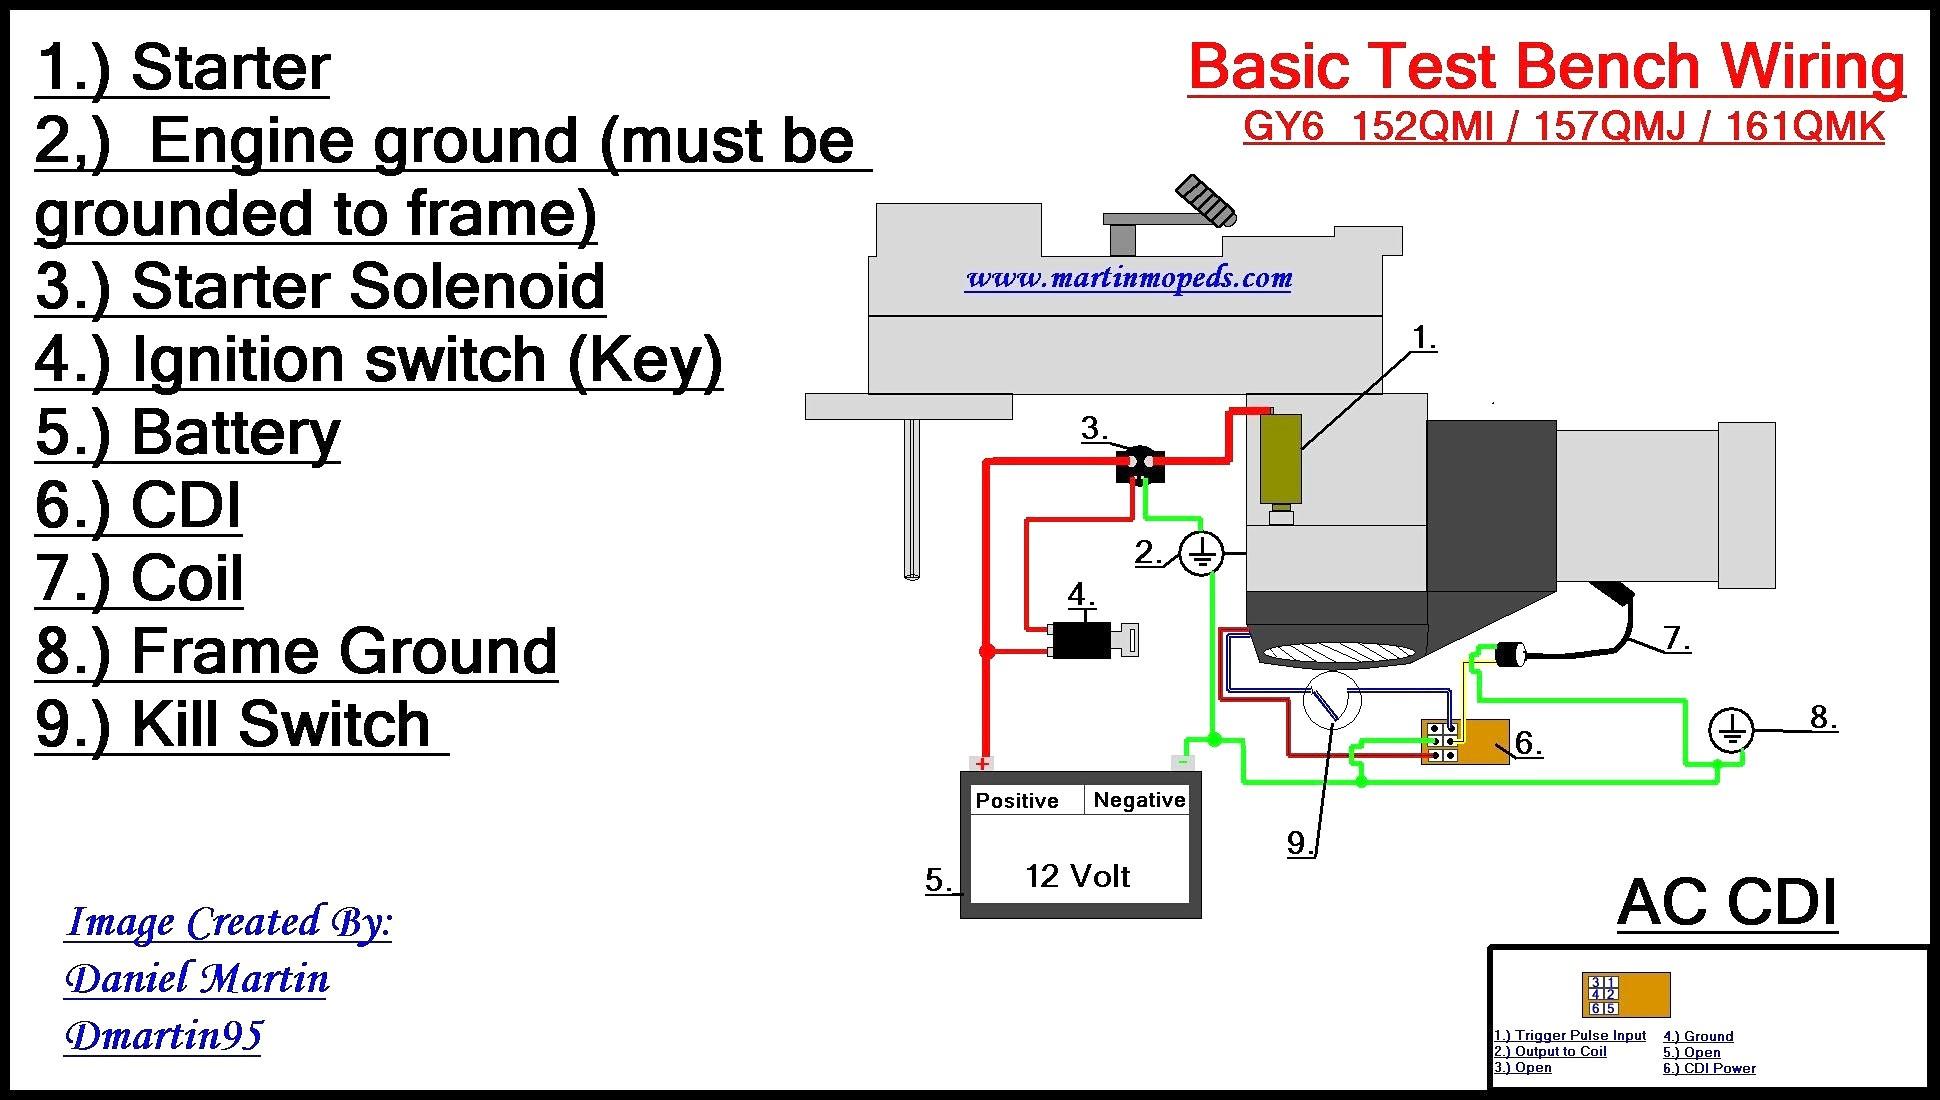 Xingyue Wiring Diagram | Wiring Diagram on bourget wiring diagram, ktm wiring diagram, beta wiring diagram, kawasaki wiring diagram, norton wiring diagram, kazuma wiring diagram, dinli wiring diagram, lifan wiring diagram, husaberg wiring diagram, honda wiring diagram, bultaco wiring diagram, garelli wiring diagram, easy rider wiring diagram, victory wiring diagram, generic wiring diagram, vespa wiring diagram, suzuki wiring diagram, viper wiring diagram, tomos wiring diagram, ultra wiring diagram,